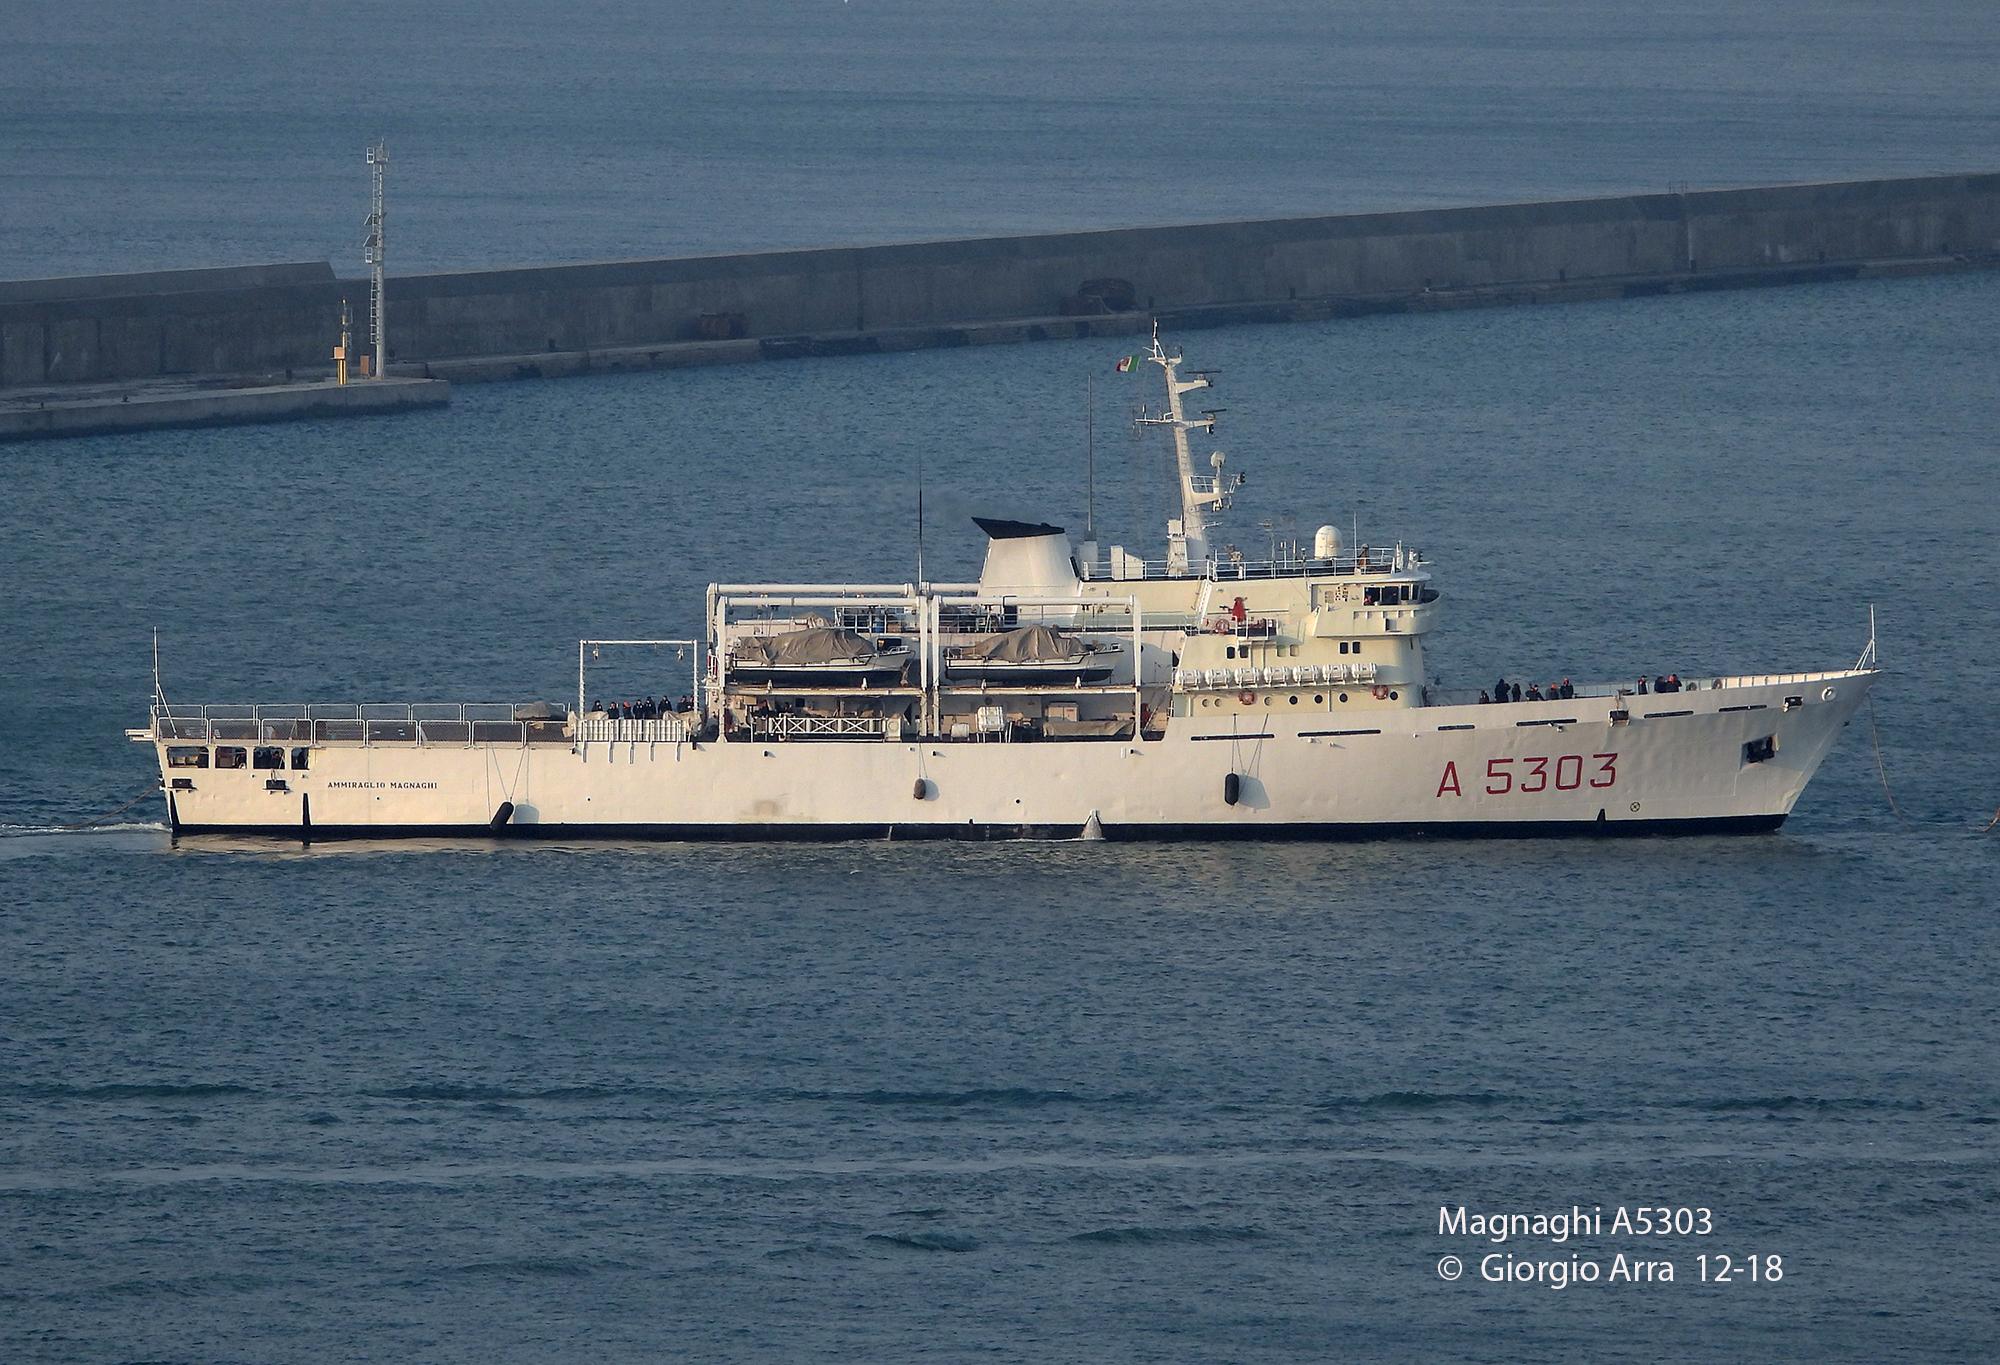 La Difesa italiana ha annunciato un accordo per il finanziamento di 220 milioni di euro dalla Banca Europea per gli Investimenti per costruire tre nuove navi oceanografiche